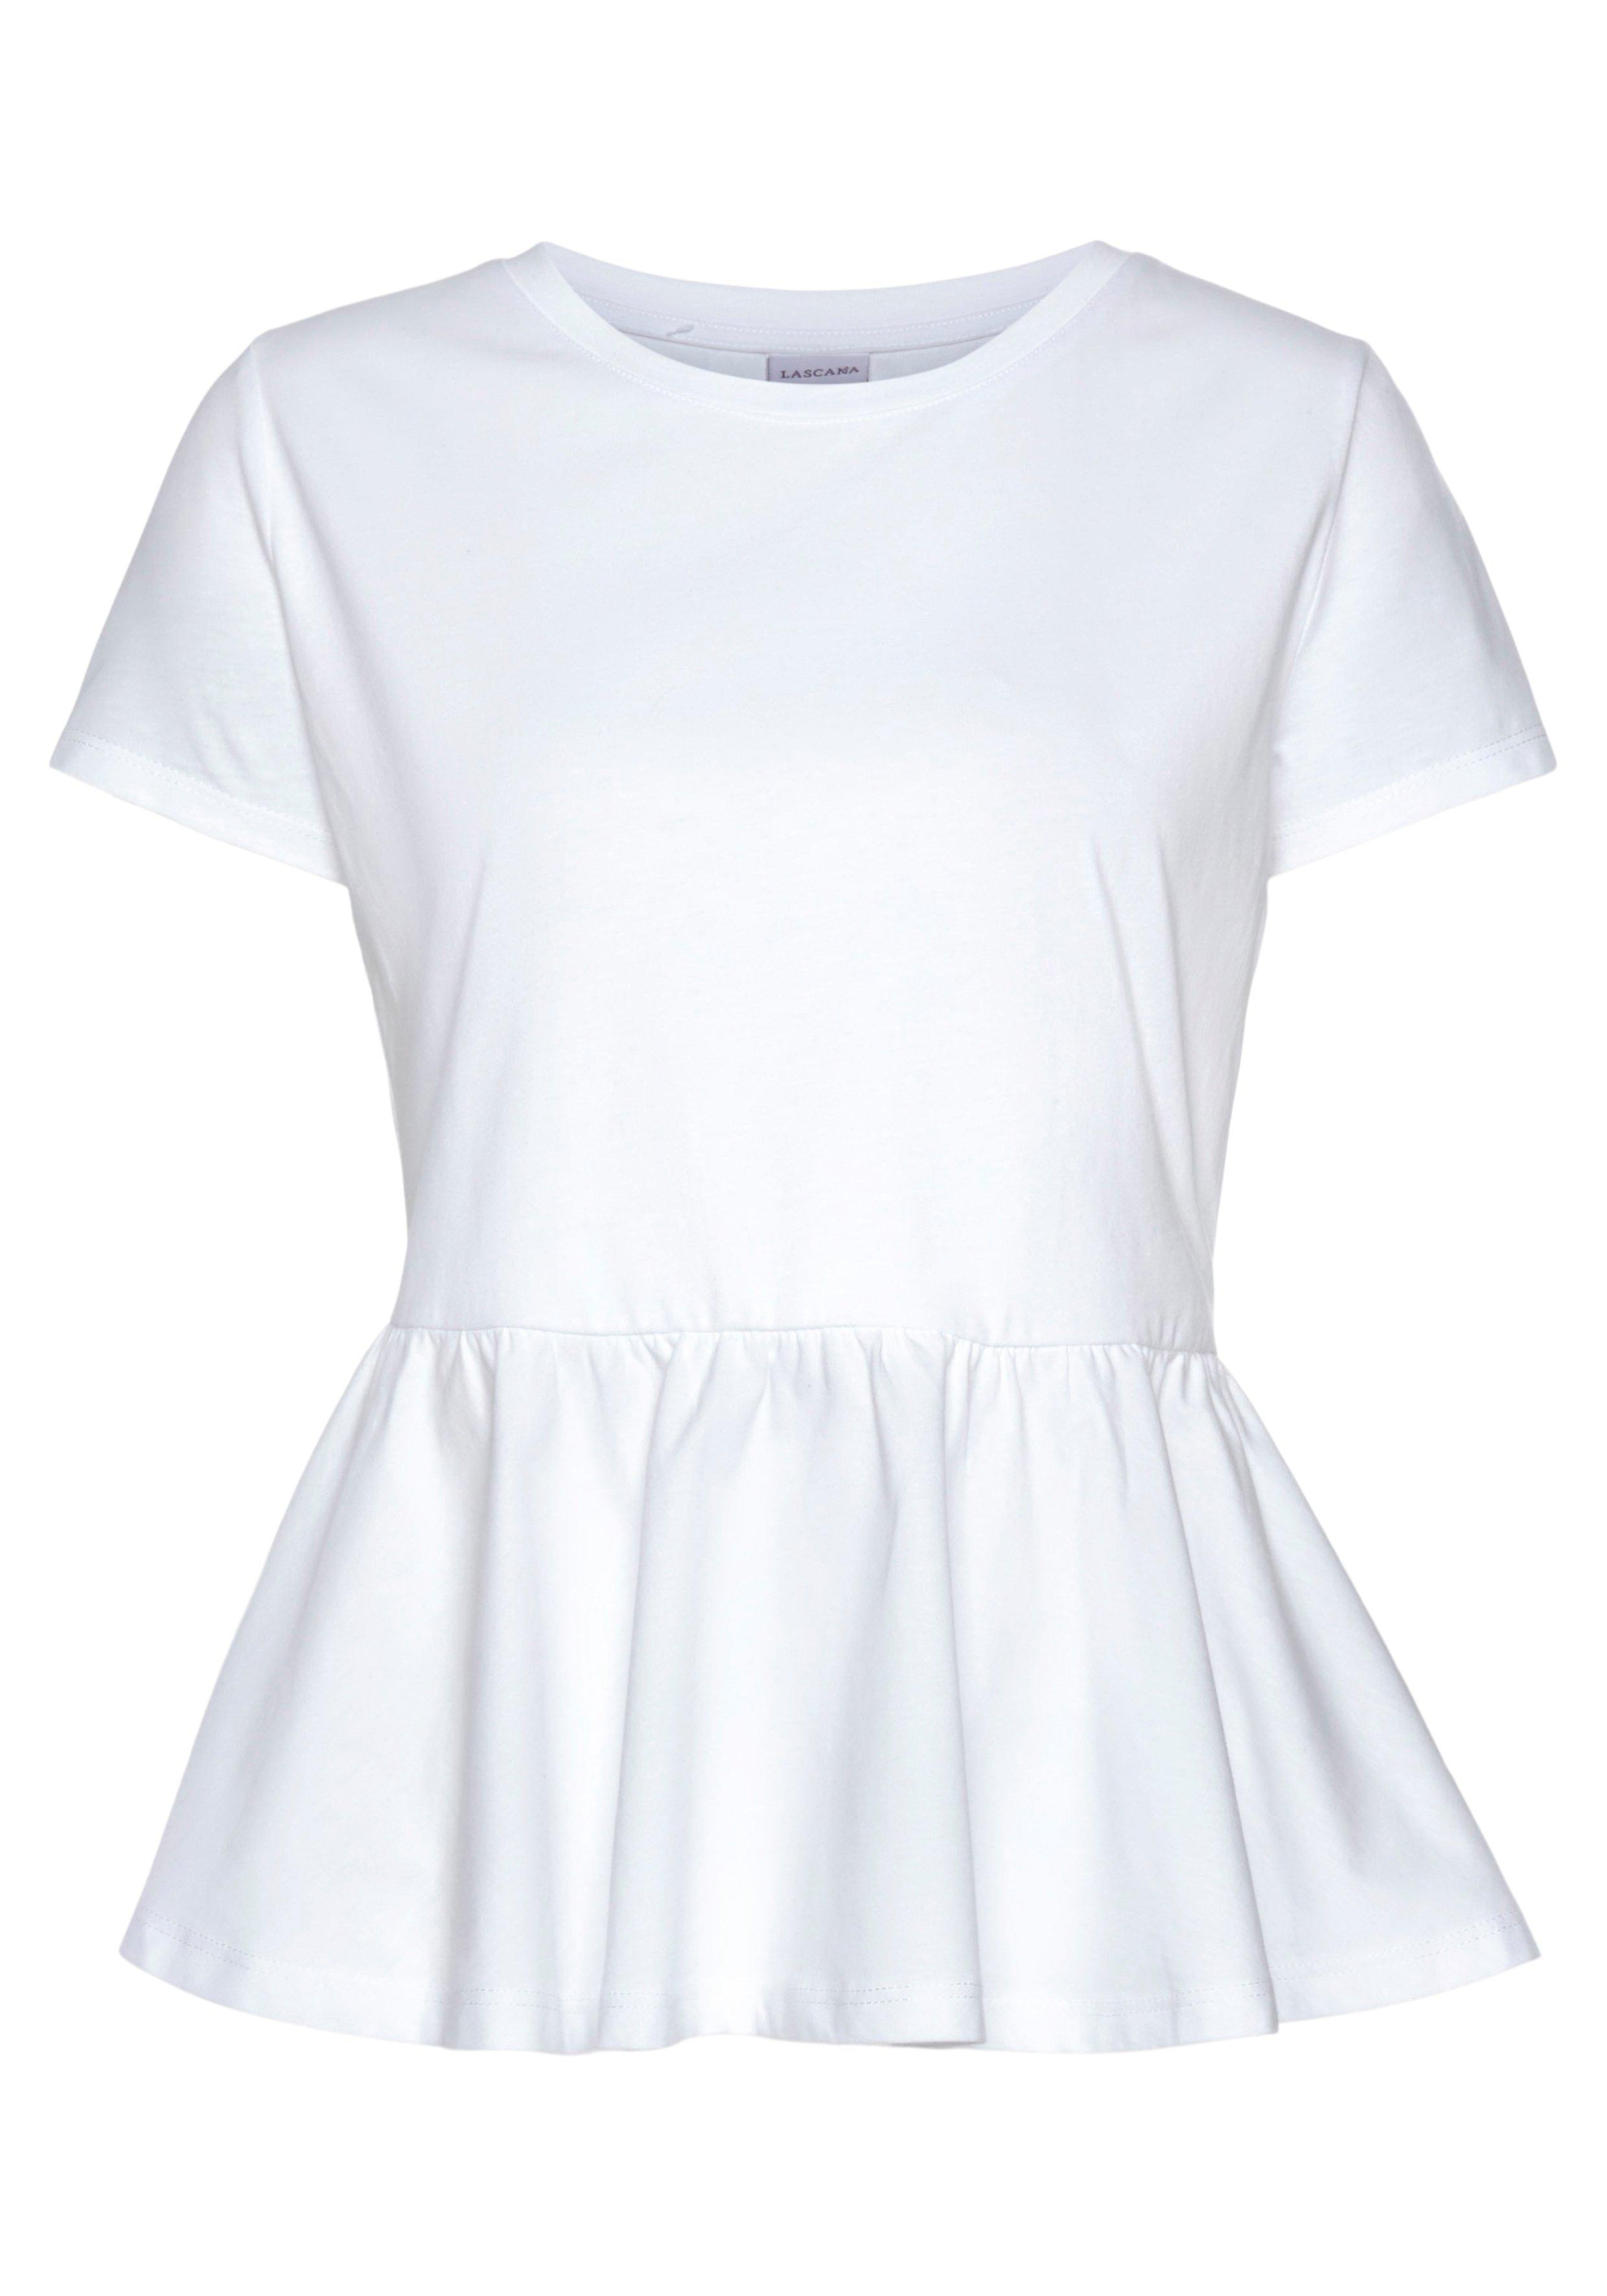 Lascana shirt met peplum gemaakt van katoen bij OTTO online kopen